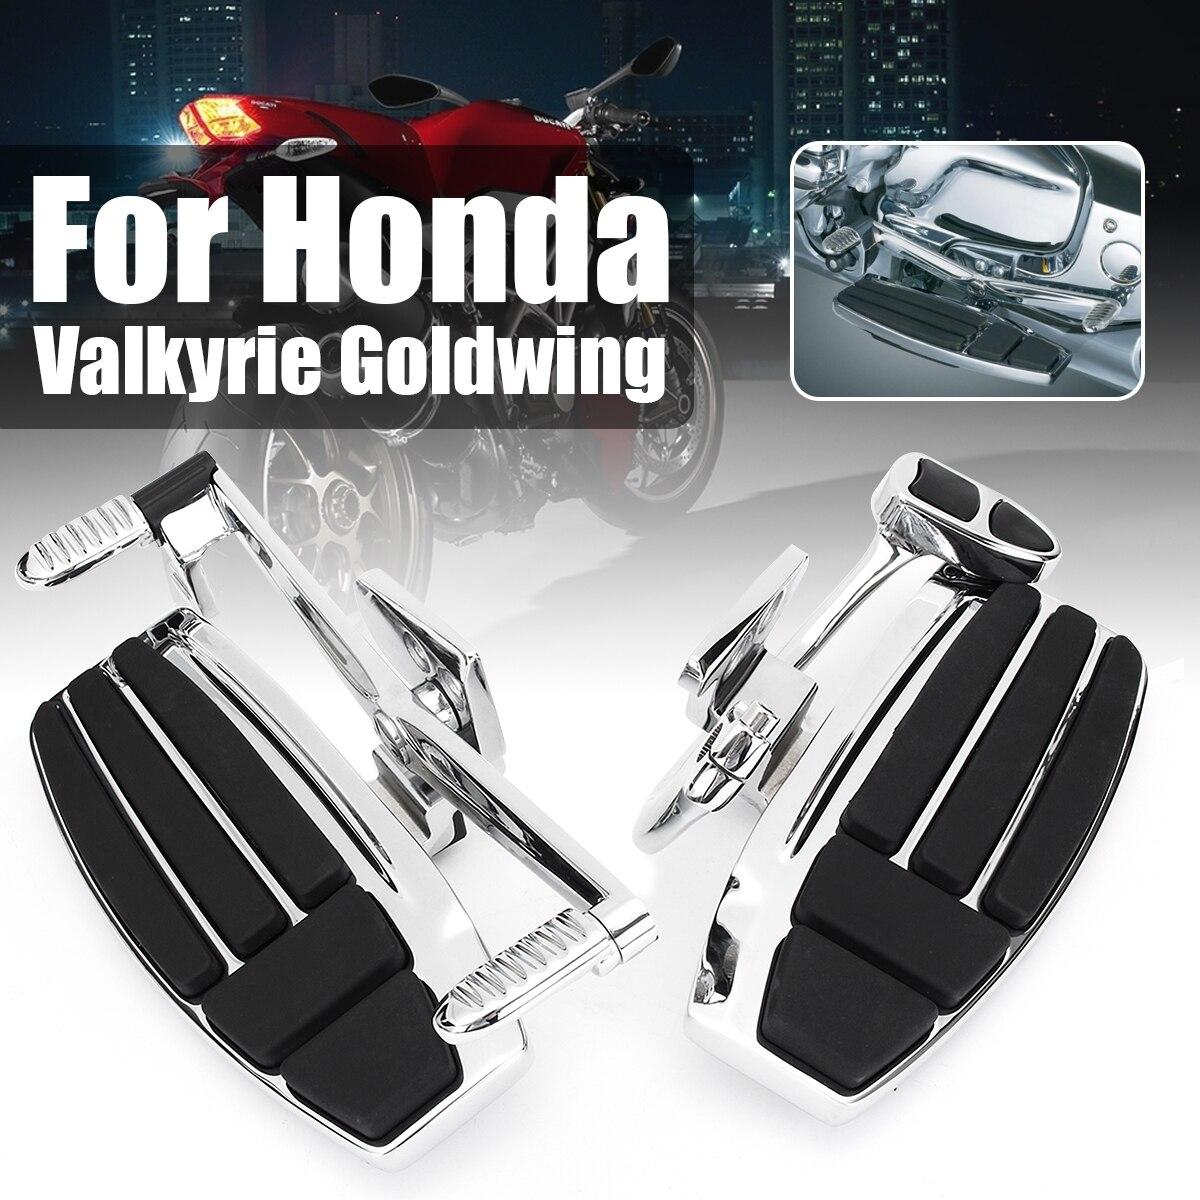 Liga de alumínio Placa de Motorista Frente Moto Pé Peg para Honda Valkyrie 1800 GL1800 2014-2015 Goldwing 2001-2016 f6B 2013-2016